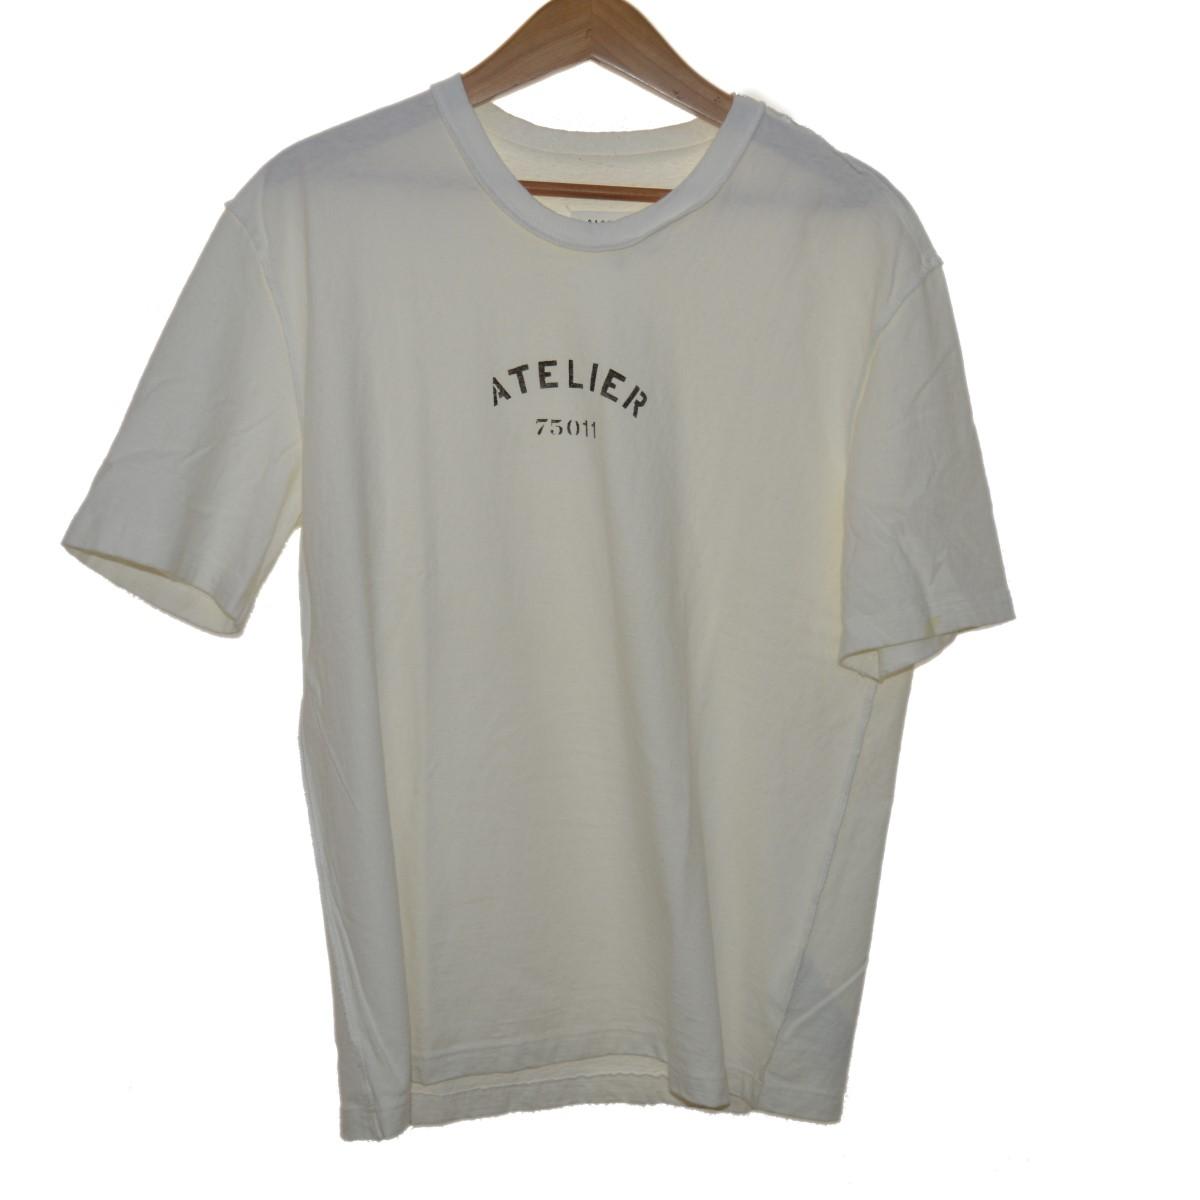 【中古】Maison Margiela 18SS ATELIER TEE Tシャツ ホワイト サイズ:44 【240320】(メゾン マルジェラ)